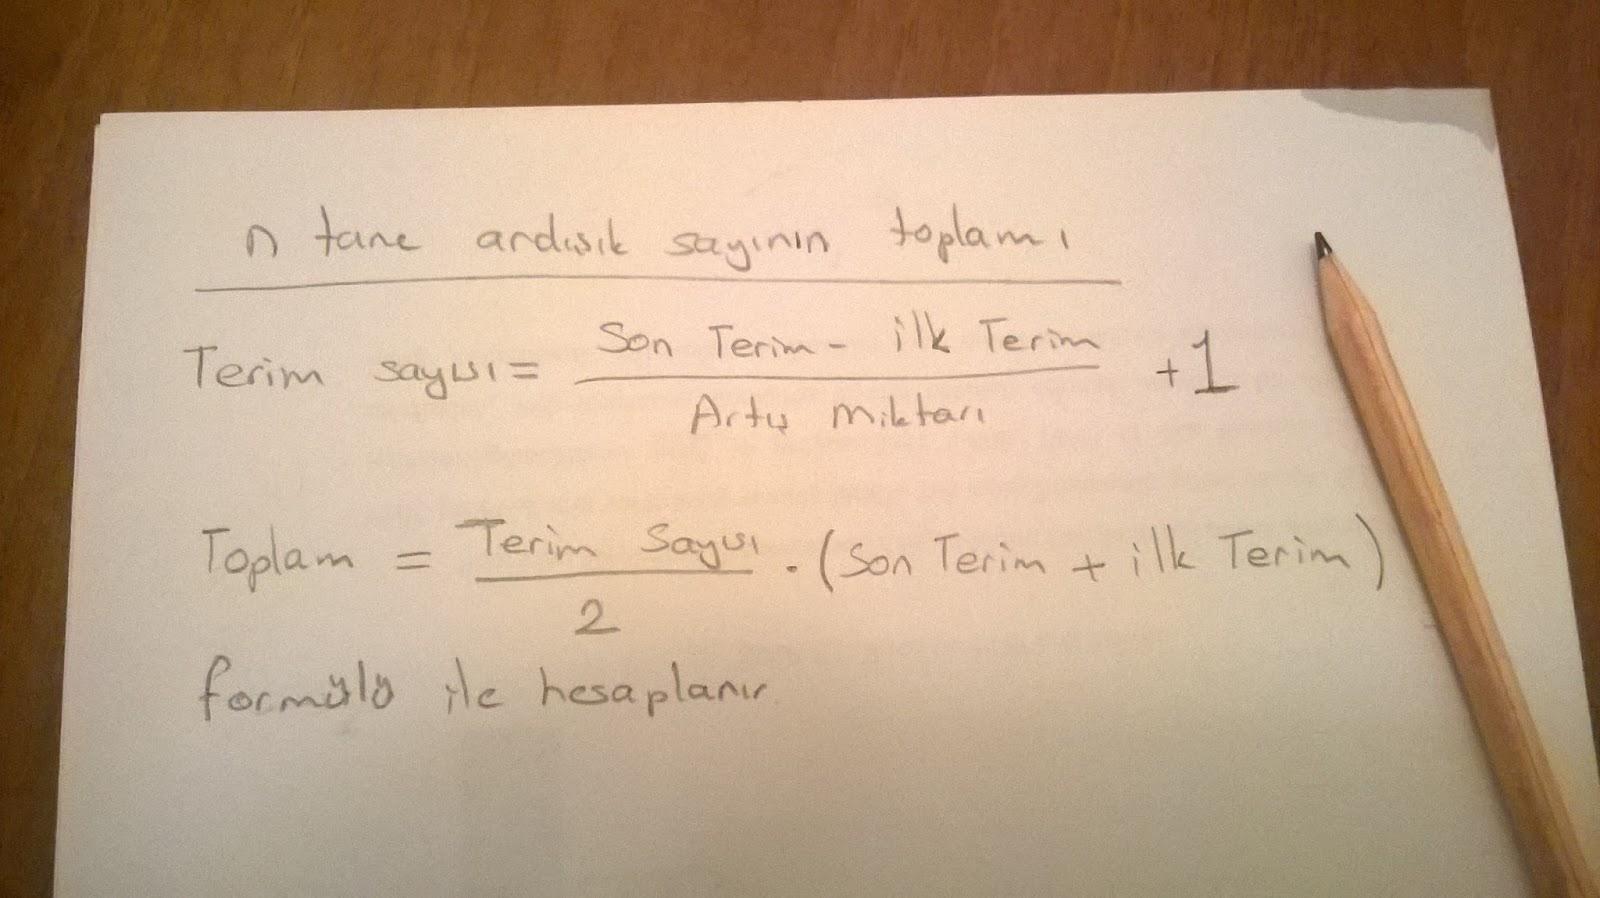 n tane ardışık sayıyı hesaplatan formül